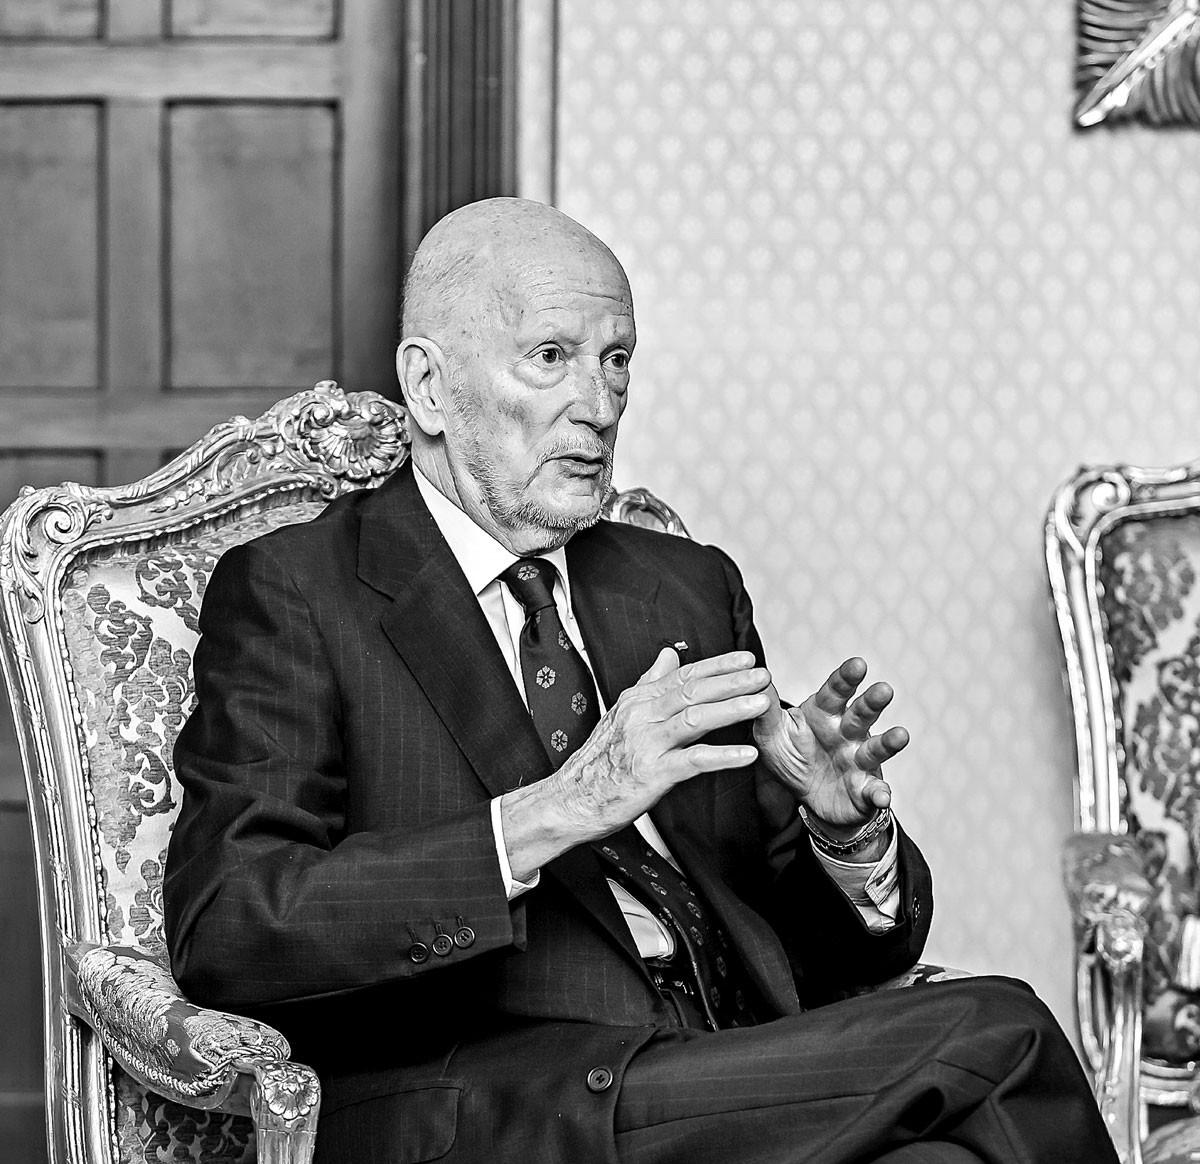 Szimeon Szakszkoburggotszki: Előszeretettel használtam a Rilsky gróf titokzatos álnevet Count Rilsky és Graf Rilski formában